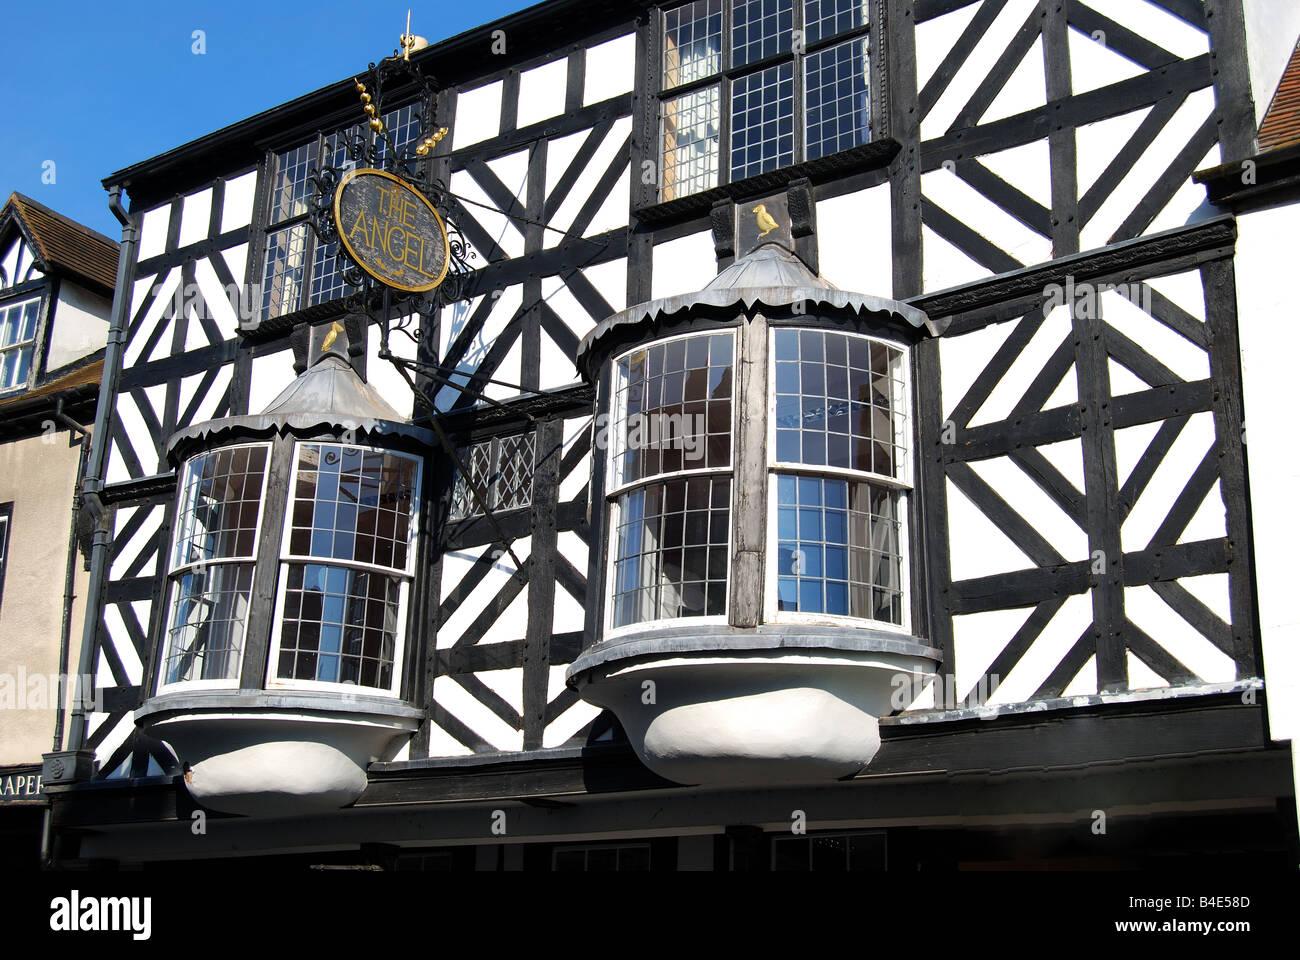 L'Ange, Tudor House façade, rue Large, Ludlow, Shropshire, Angleterre, Royaume-Uni Photo Stock